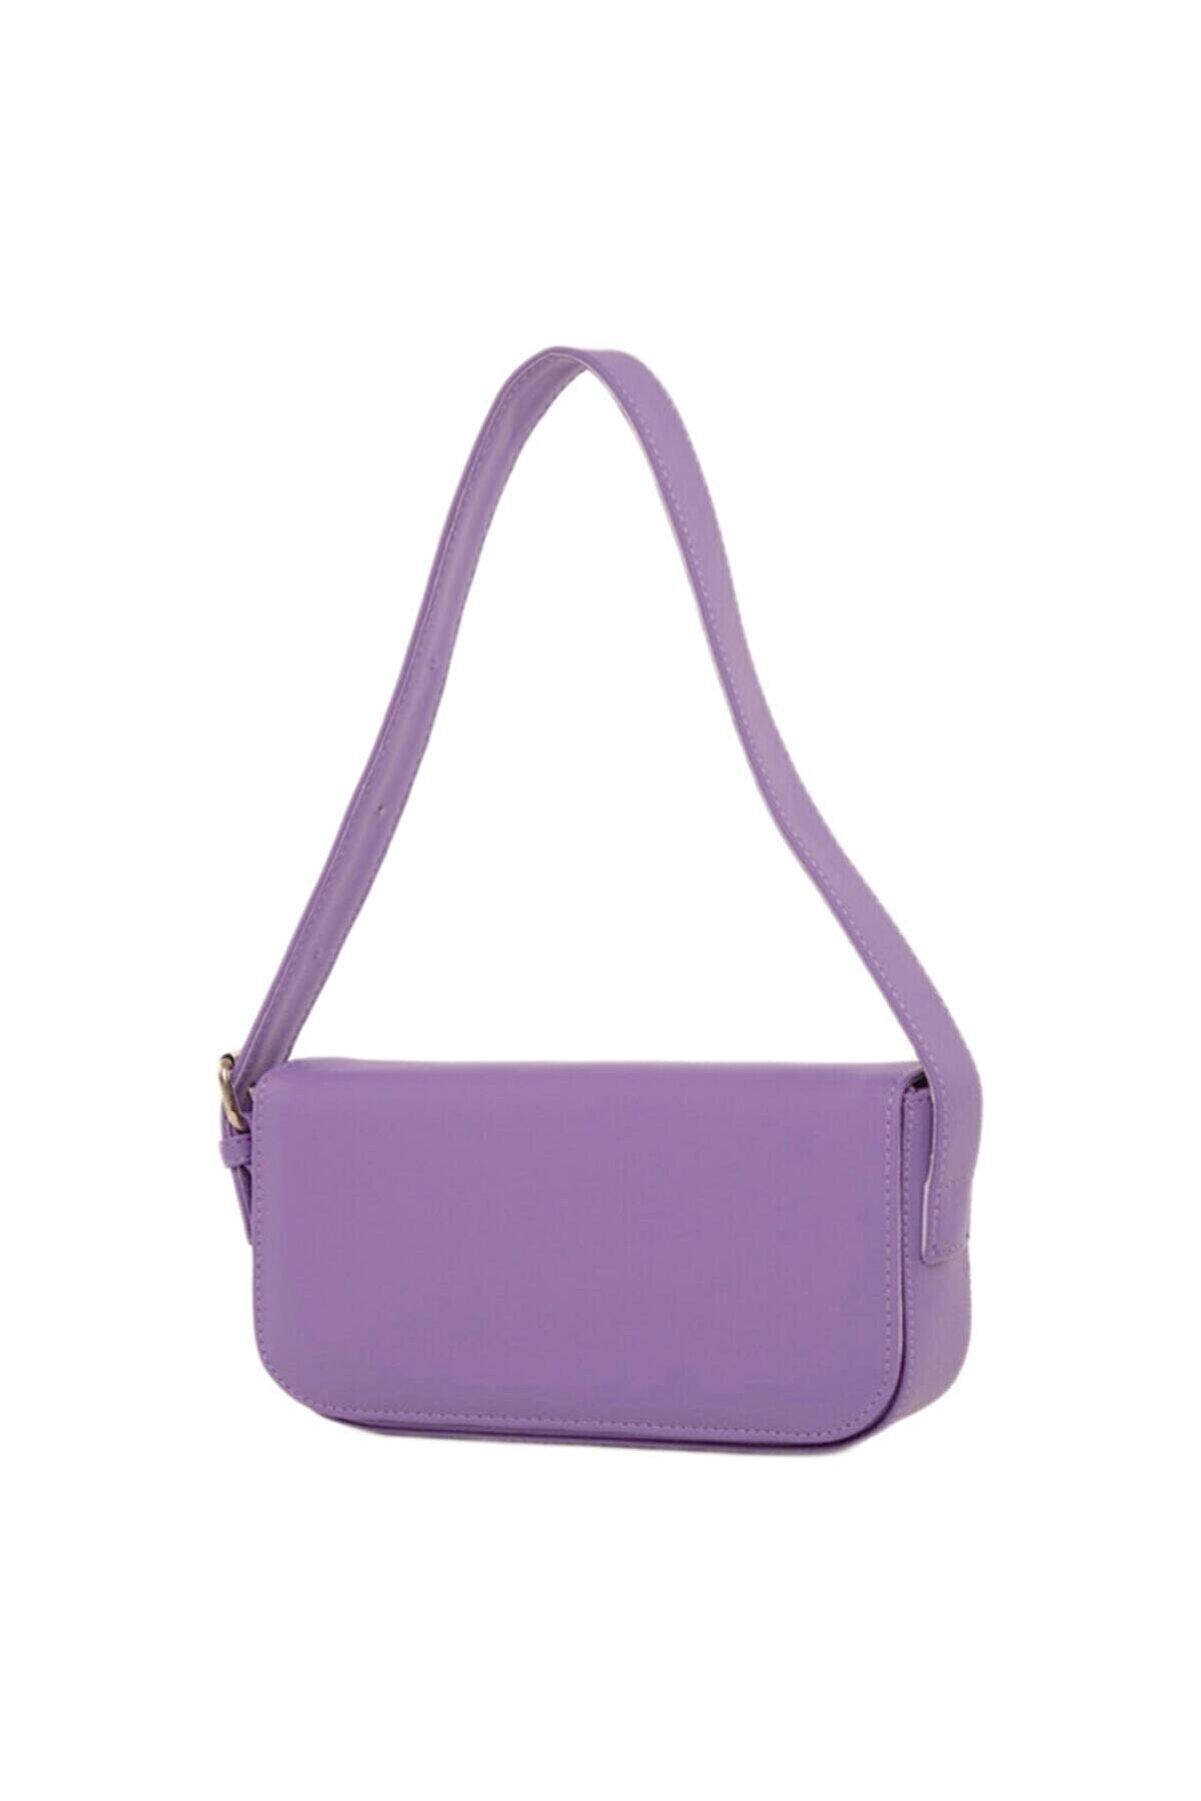 Babi West Kadın Lila Kapaklı Baget Çanta